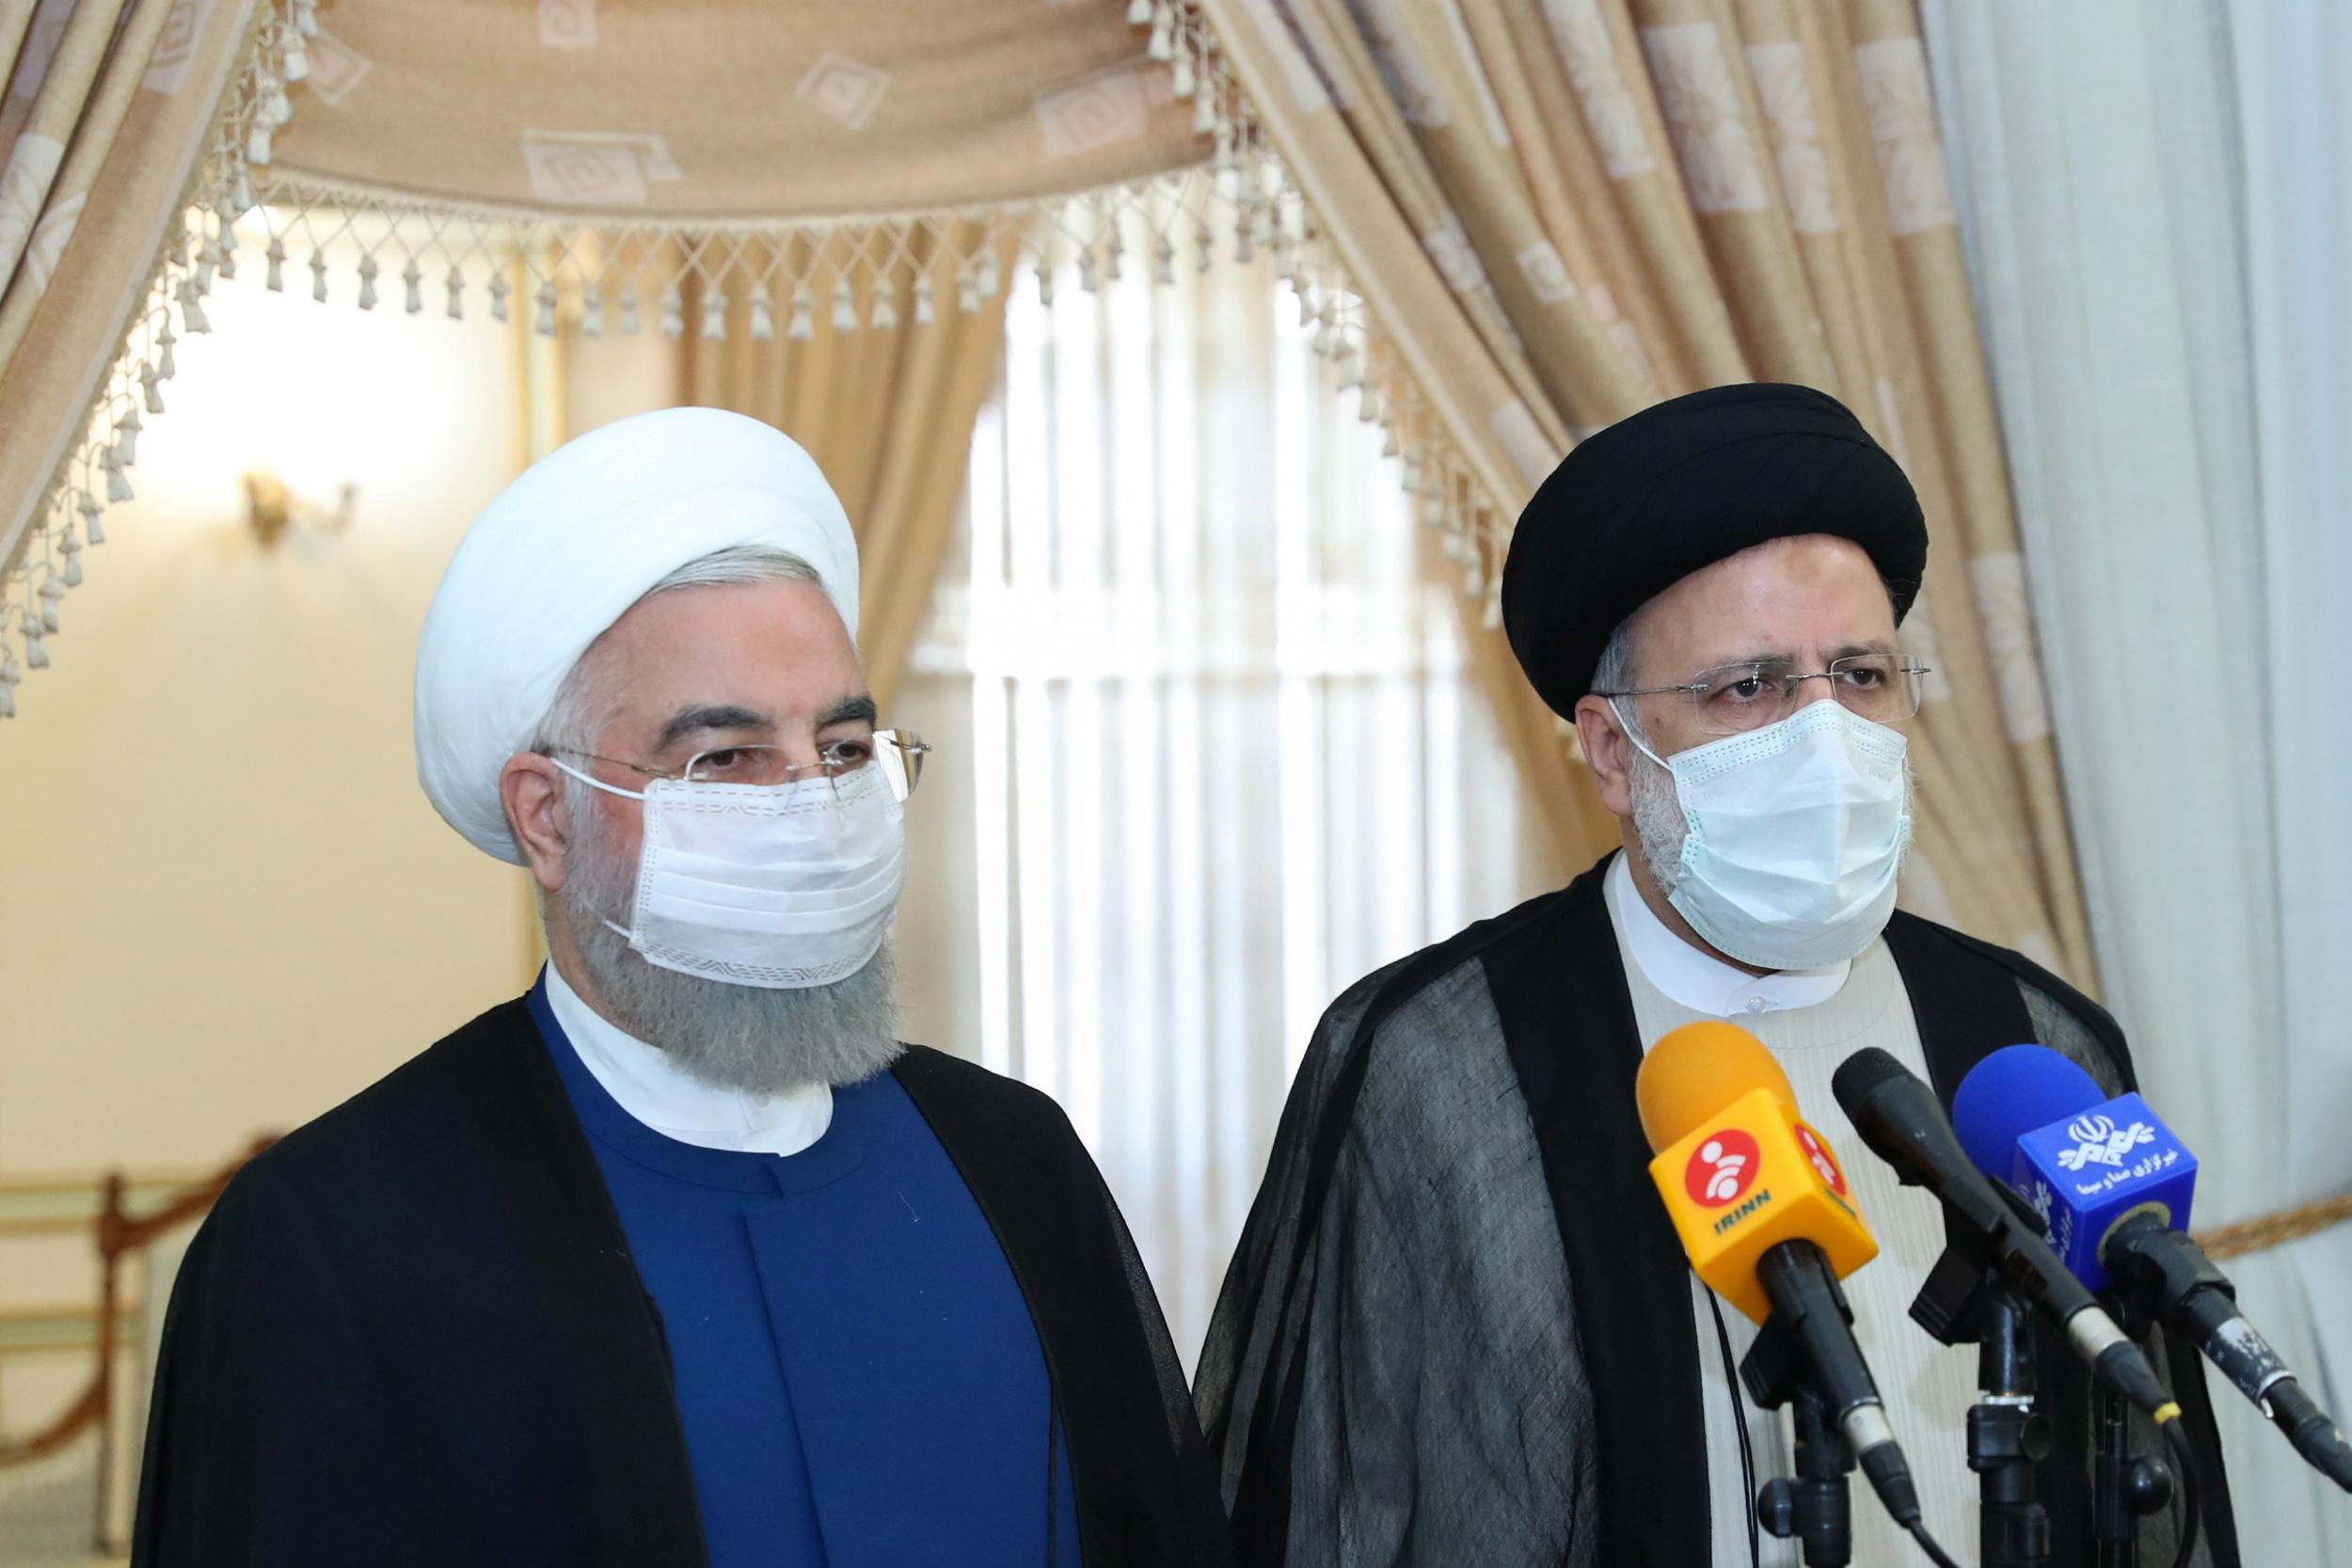 Νέος πρόεδρος του Ιράν ο Εμπραχίμ Ραϊσί – Η Διεθνής Αμνηστία τον καταγγέλλει για «εγκλήματα»